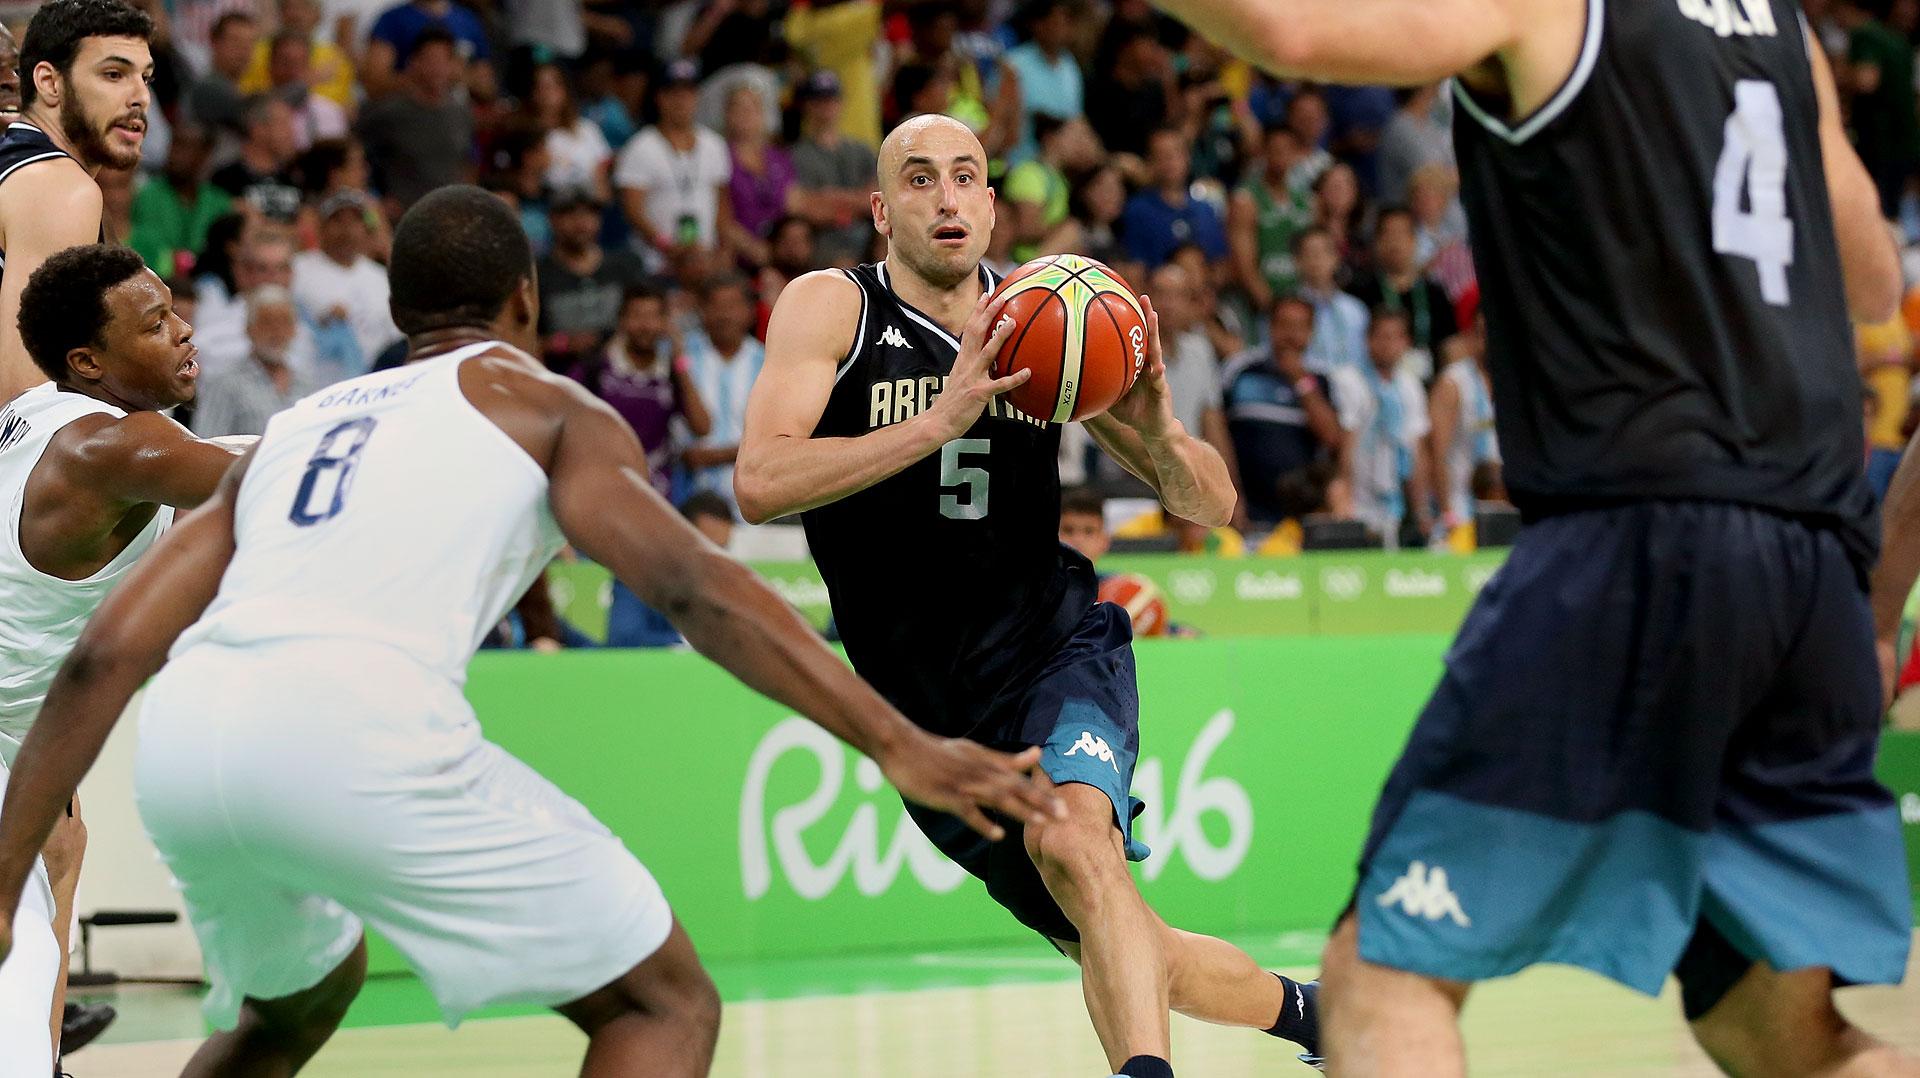 A los 39 años, Emanuel Ginóbili no pudo ganar una nueva medalla y dijo adiós a la selección argentina de básquet(Nicolás Stulberg)